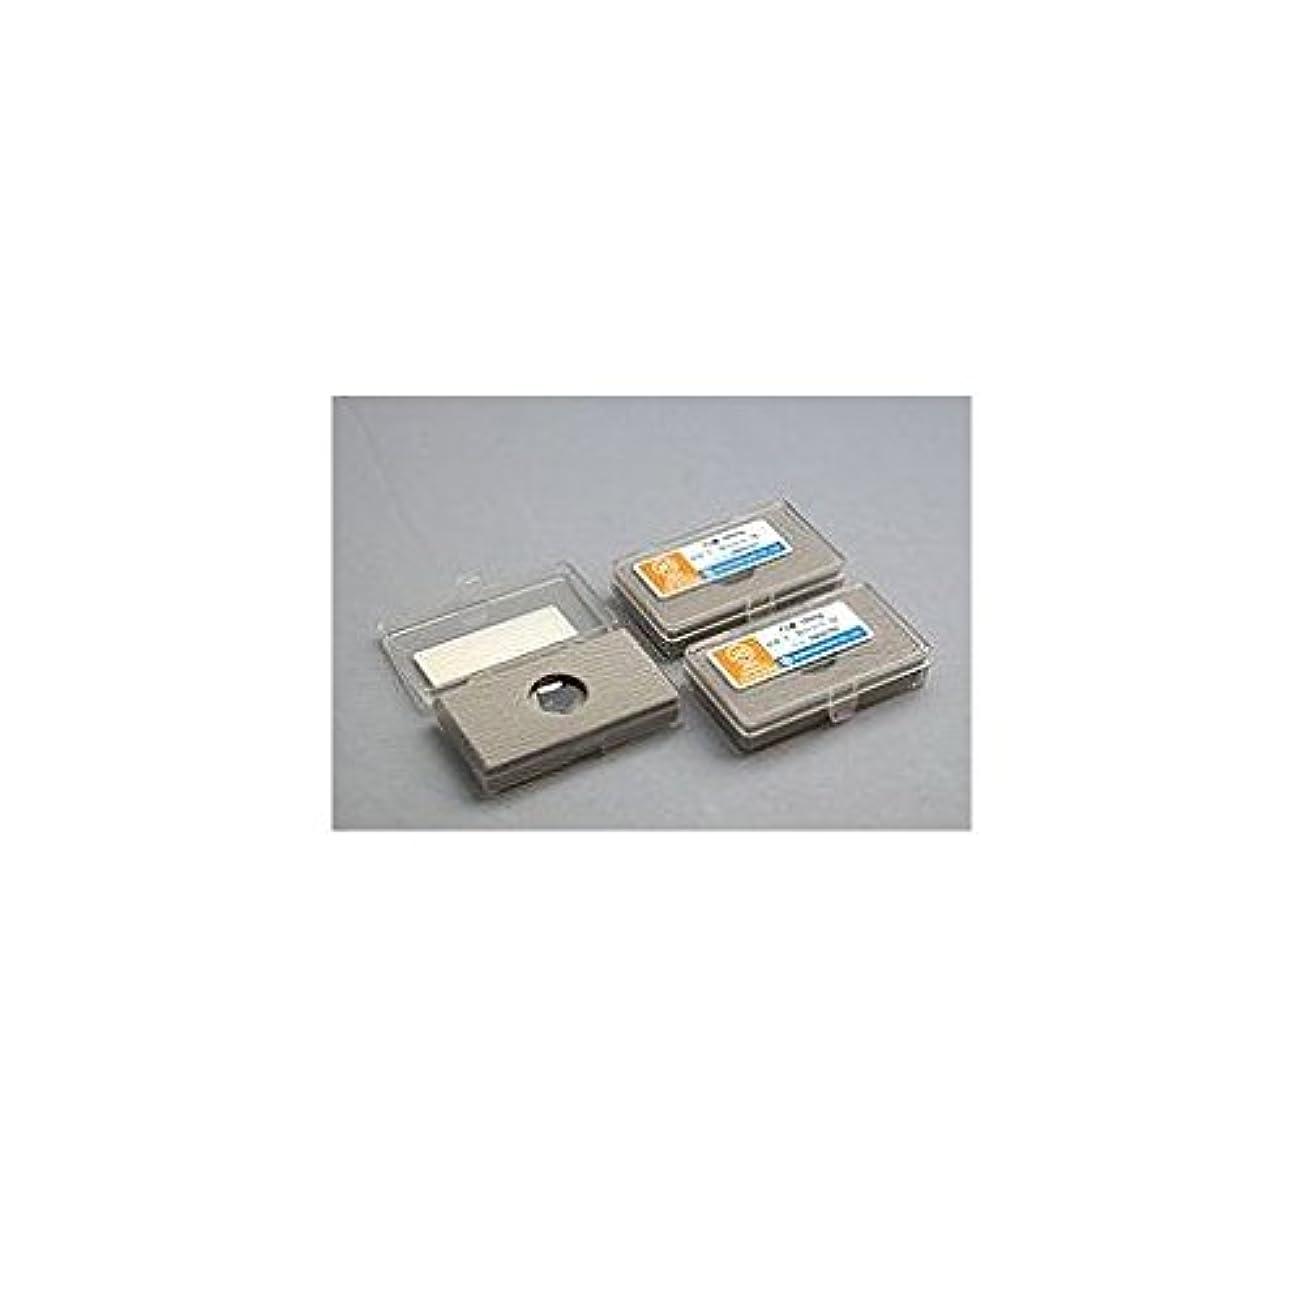 会員孤独変化するEM92635 OIML型標準分銅F2級50mgJISマーク付